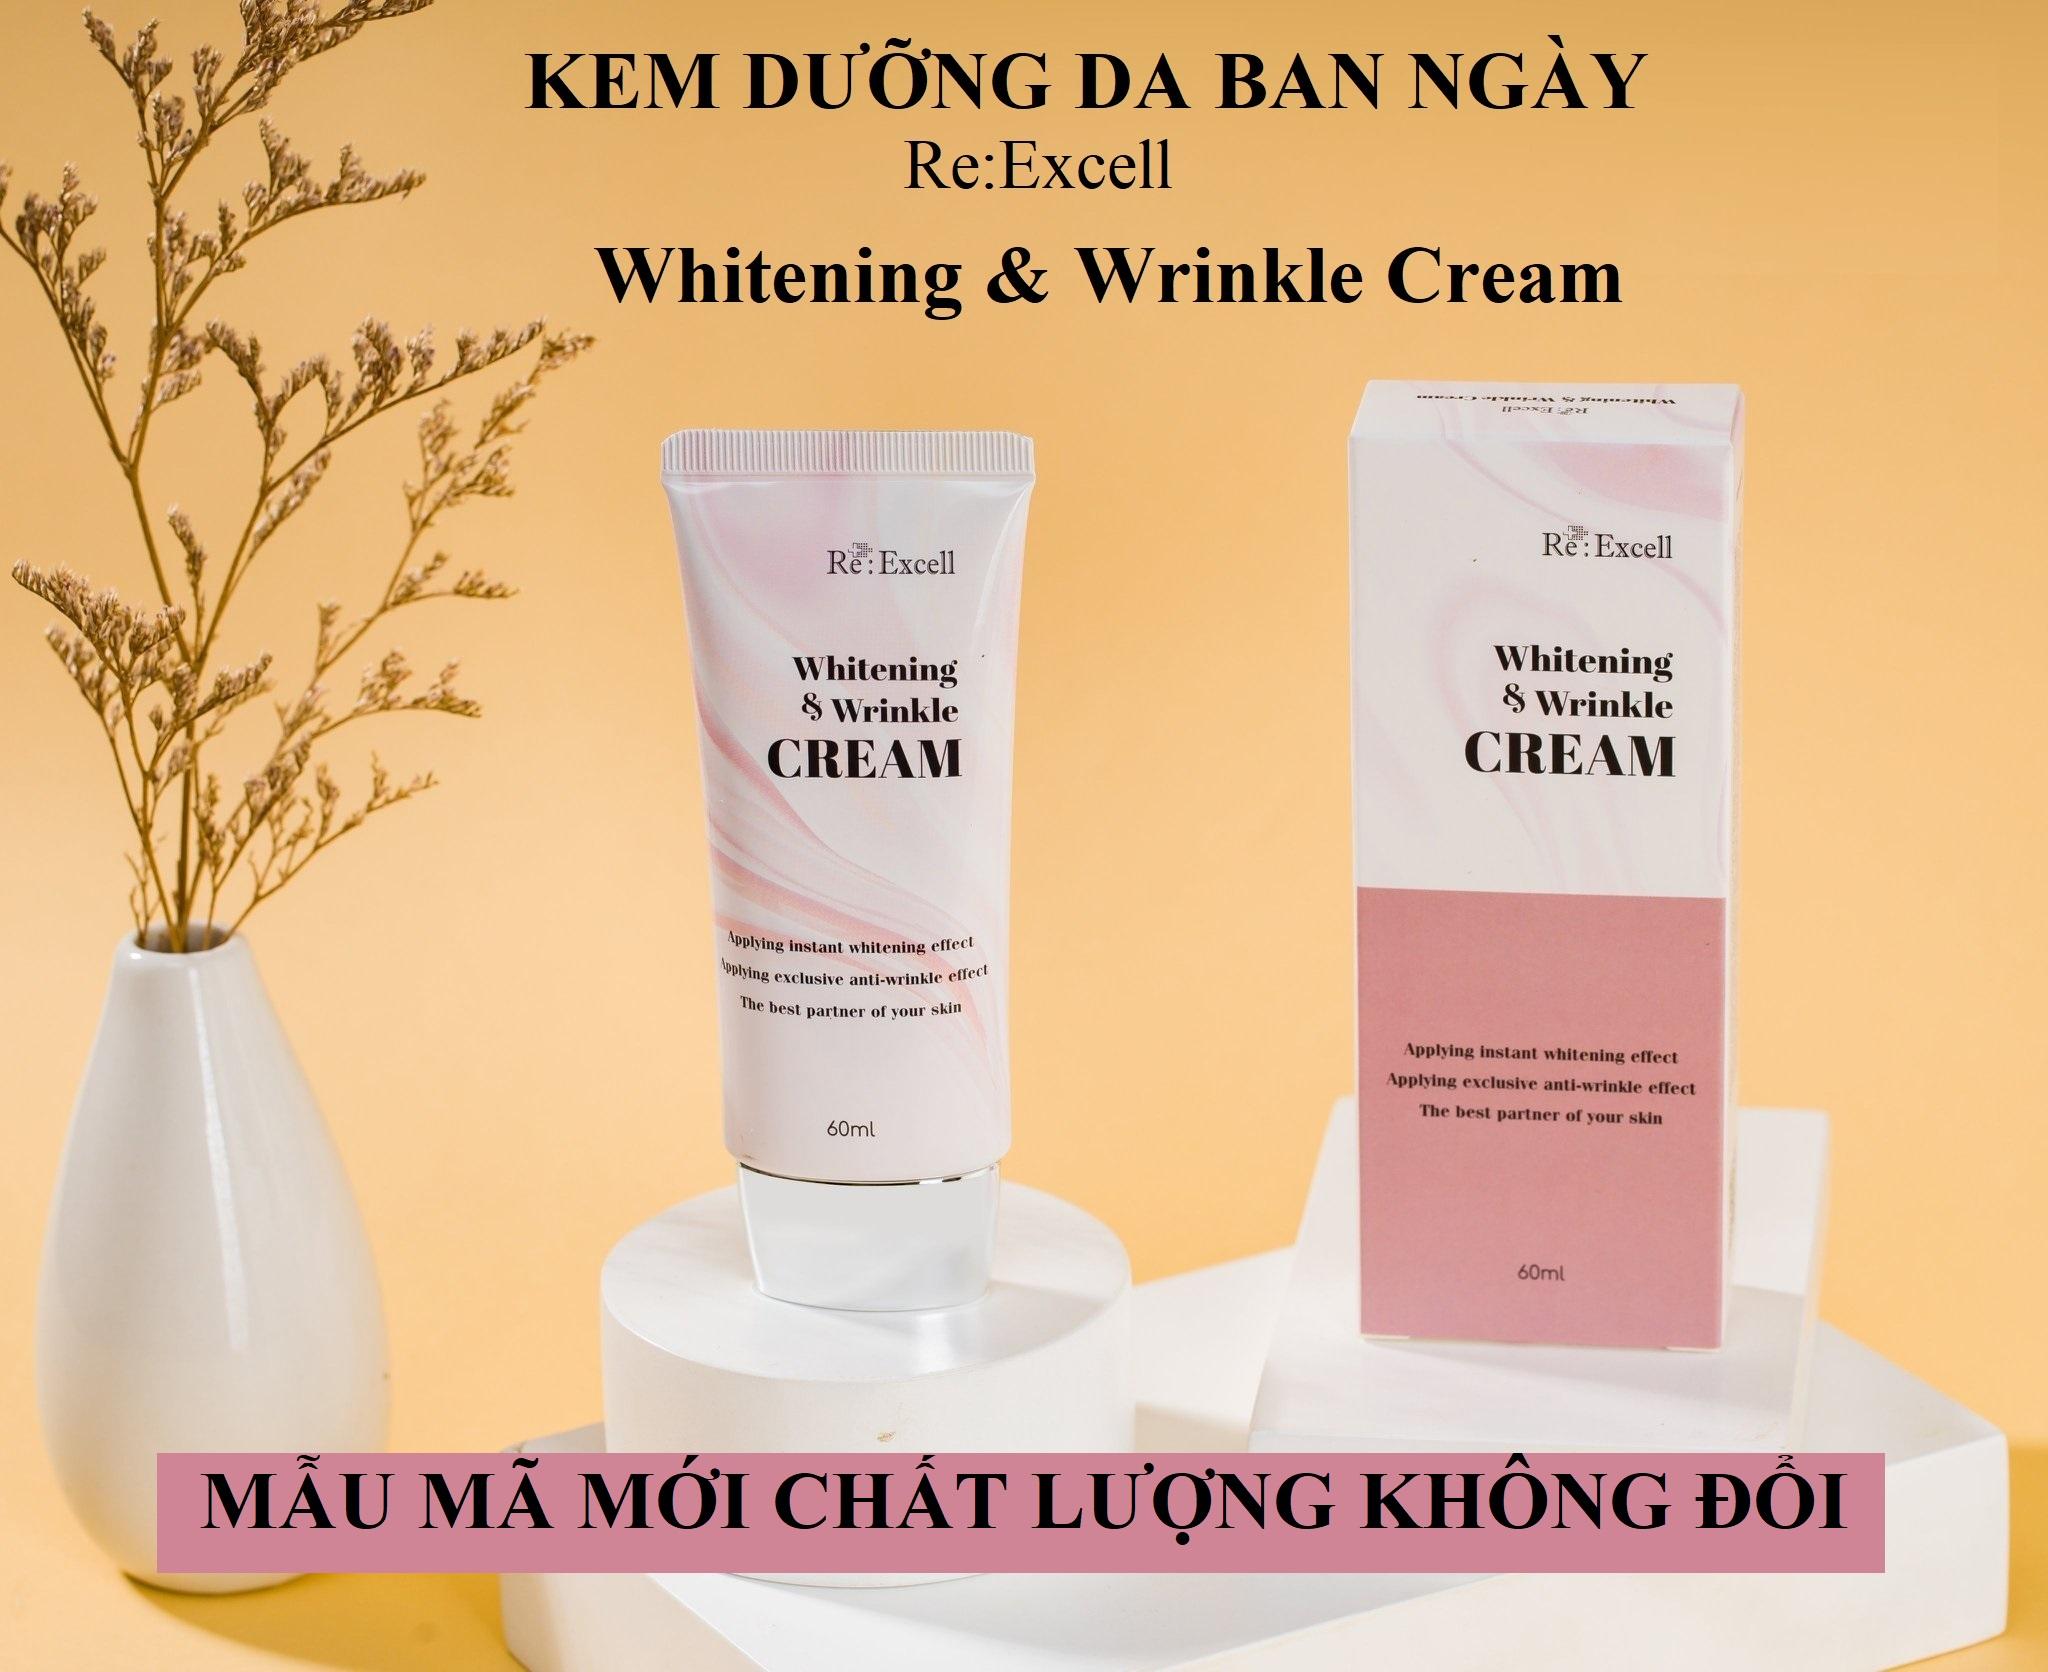 Combo 5 hộp Kem dưỡng trắng chống nhăn Re:Excell Whitening & Wrinkle Cream R&B Việt Nam phân phối độc quyền sản phẩm nhập khẩu từ Hàn Quốc